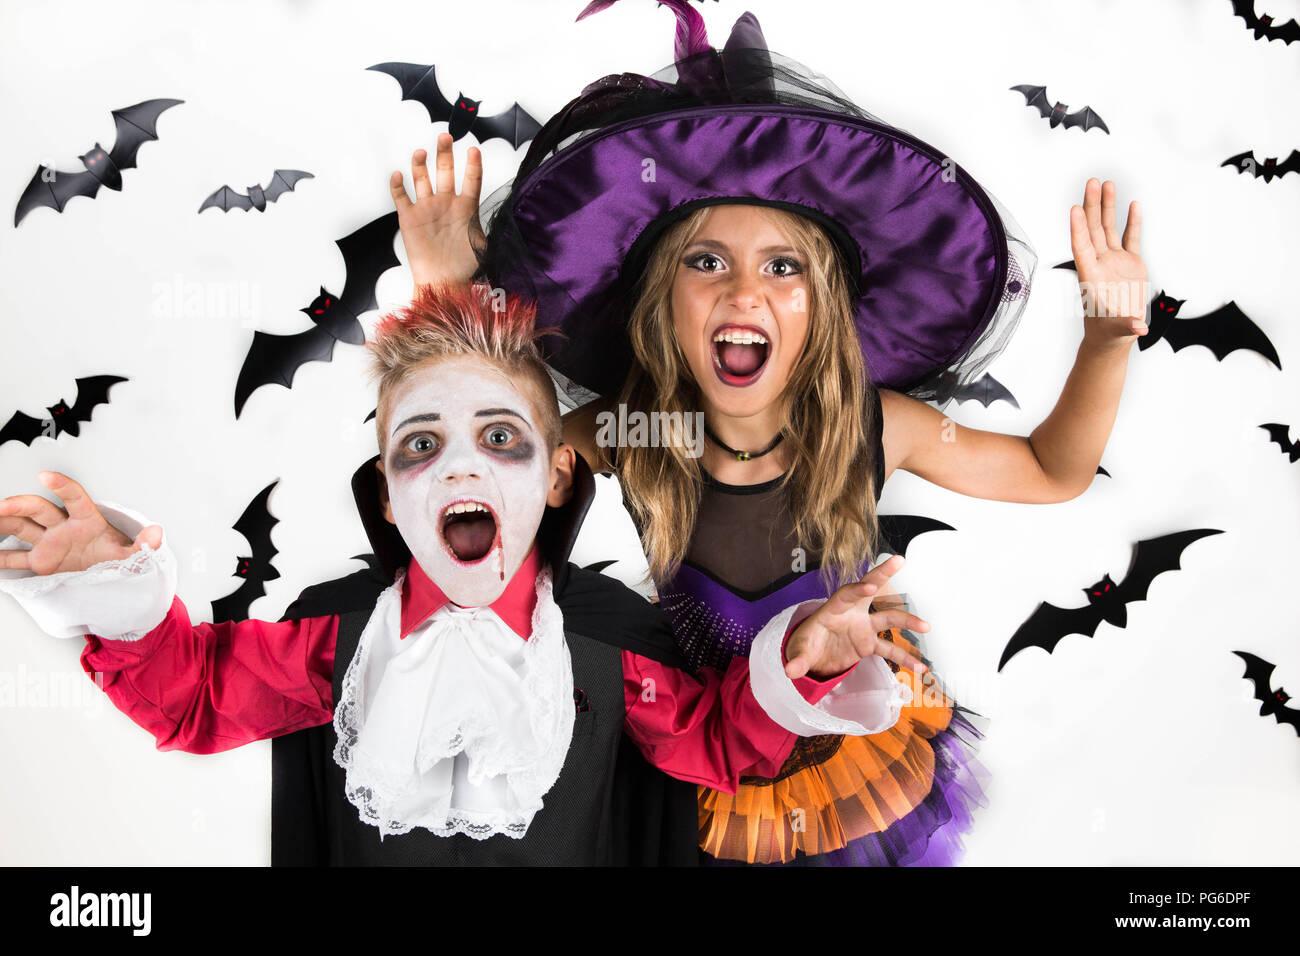 Trick or Treat! Les enfants de faire peur aux gens dans la nuit d'Halloween pour gagner des bonbons selon la tradition de vacances Photo Stock